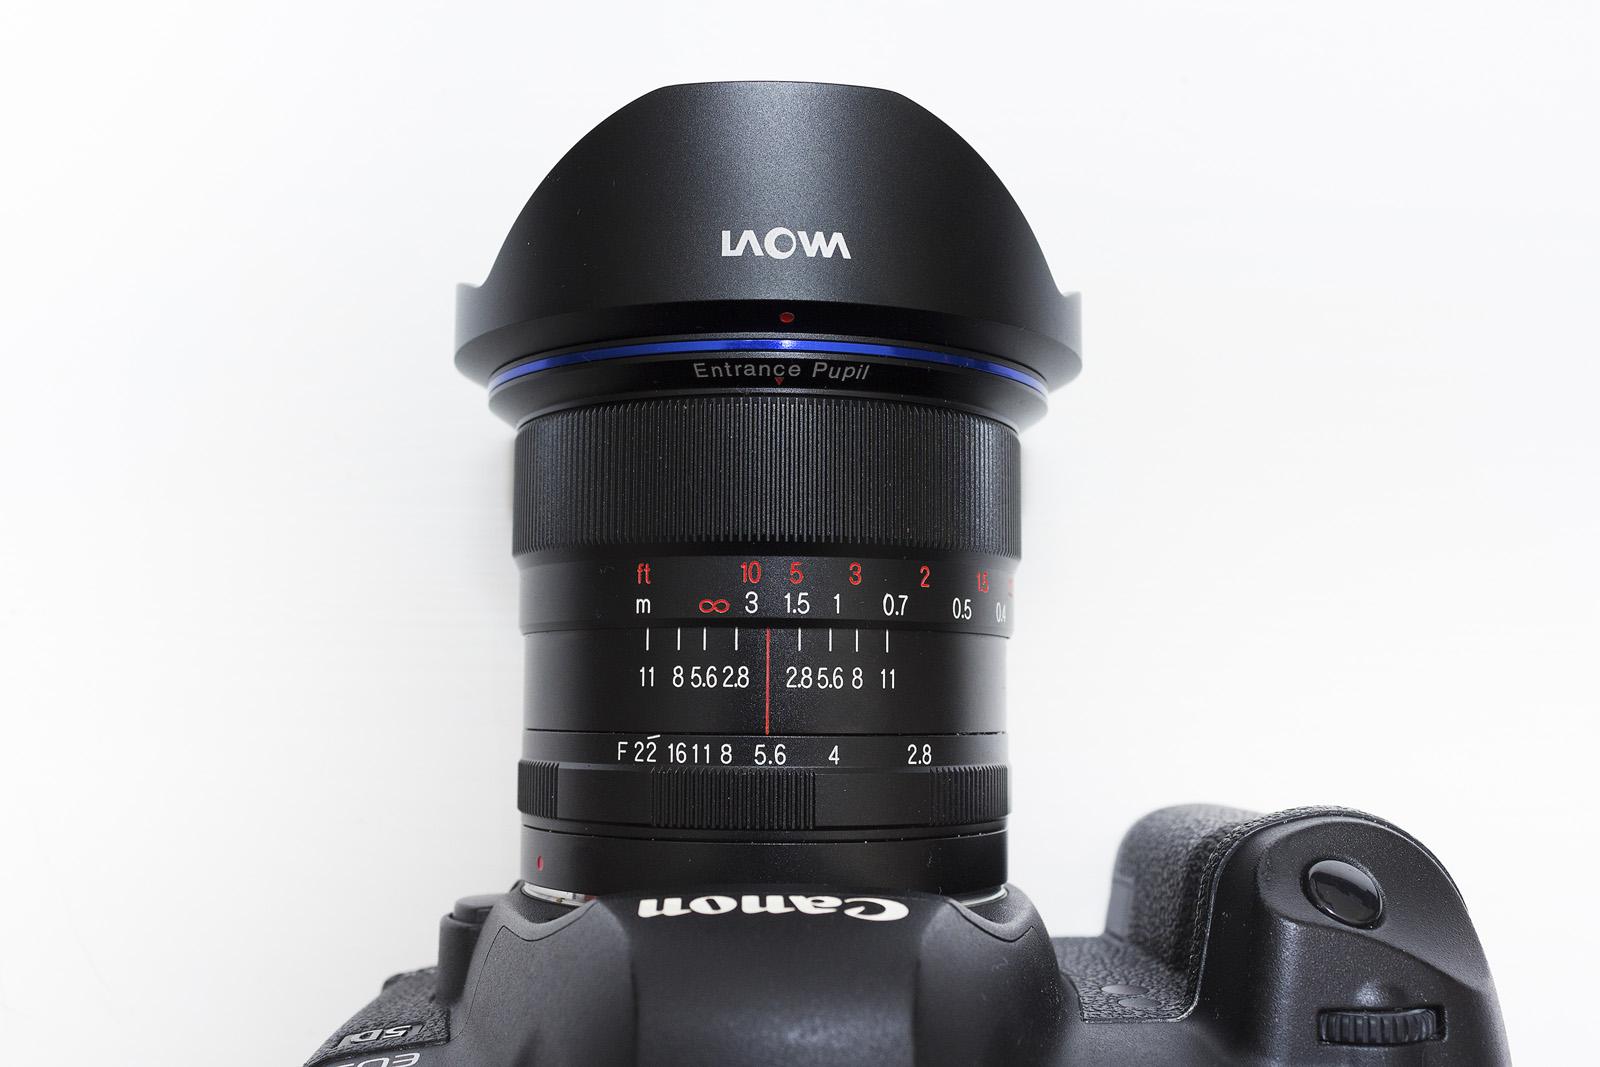 Objectif Laowa 12mm F/2.8 issu du test de Pierre-Louis Ferrer